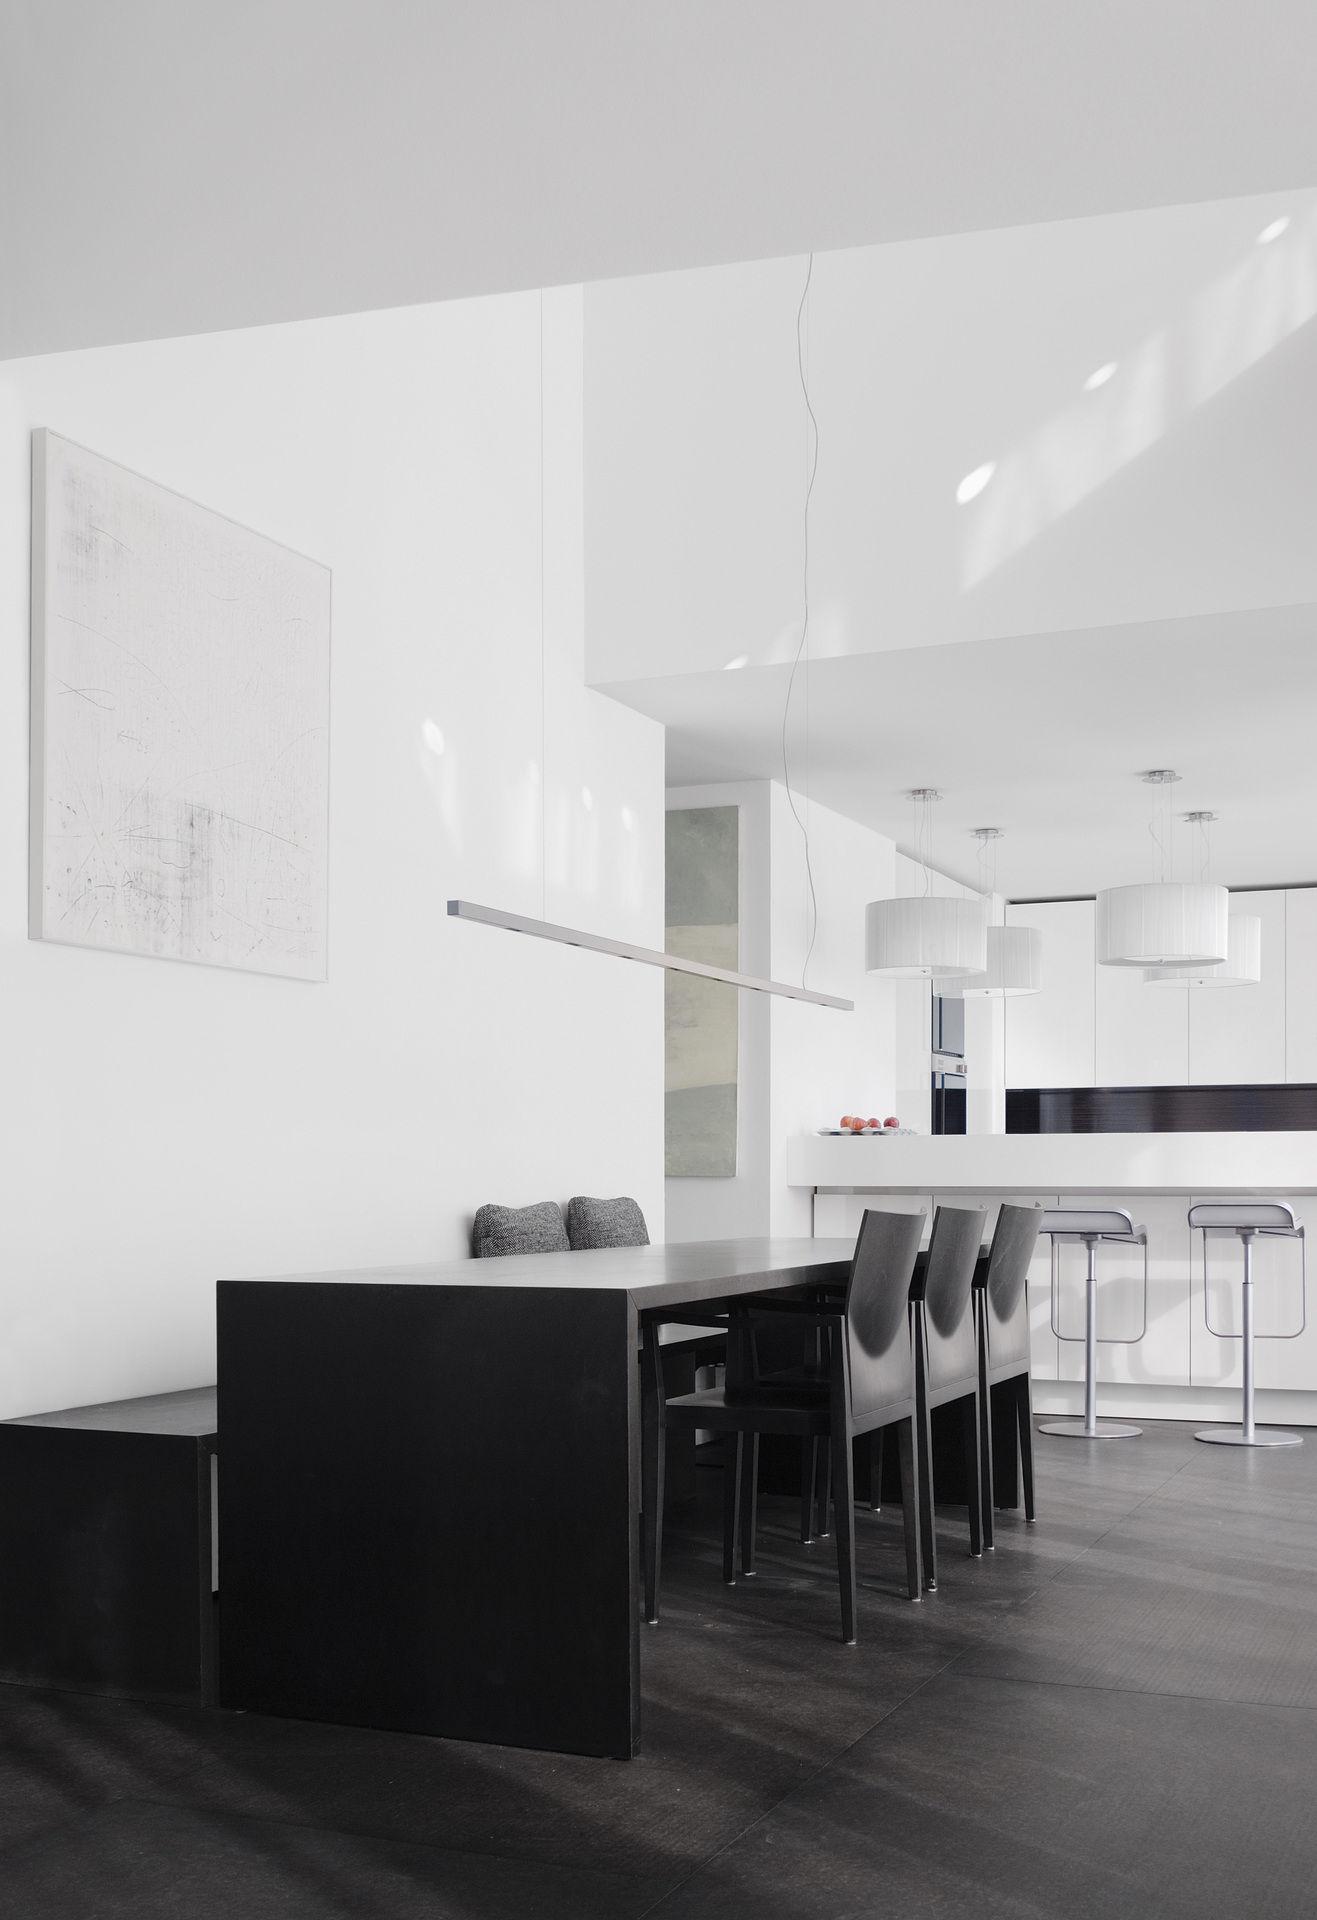 akzente setzen mit dunklen esszimmer m beln. Black Bedroom Furniture Sets. Home Design Ideas